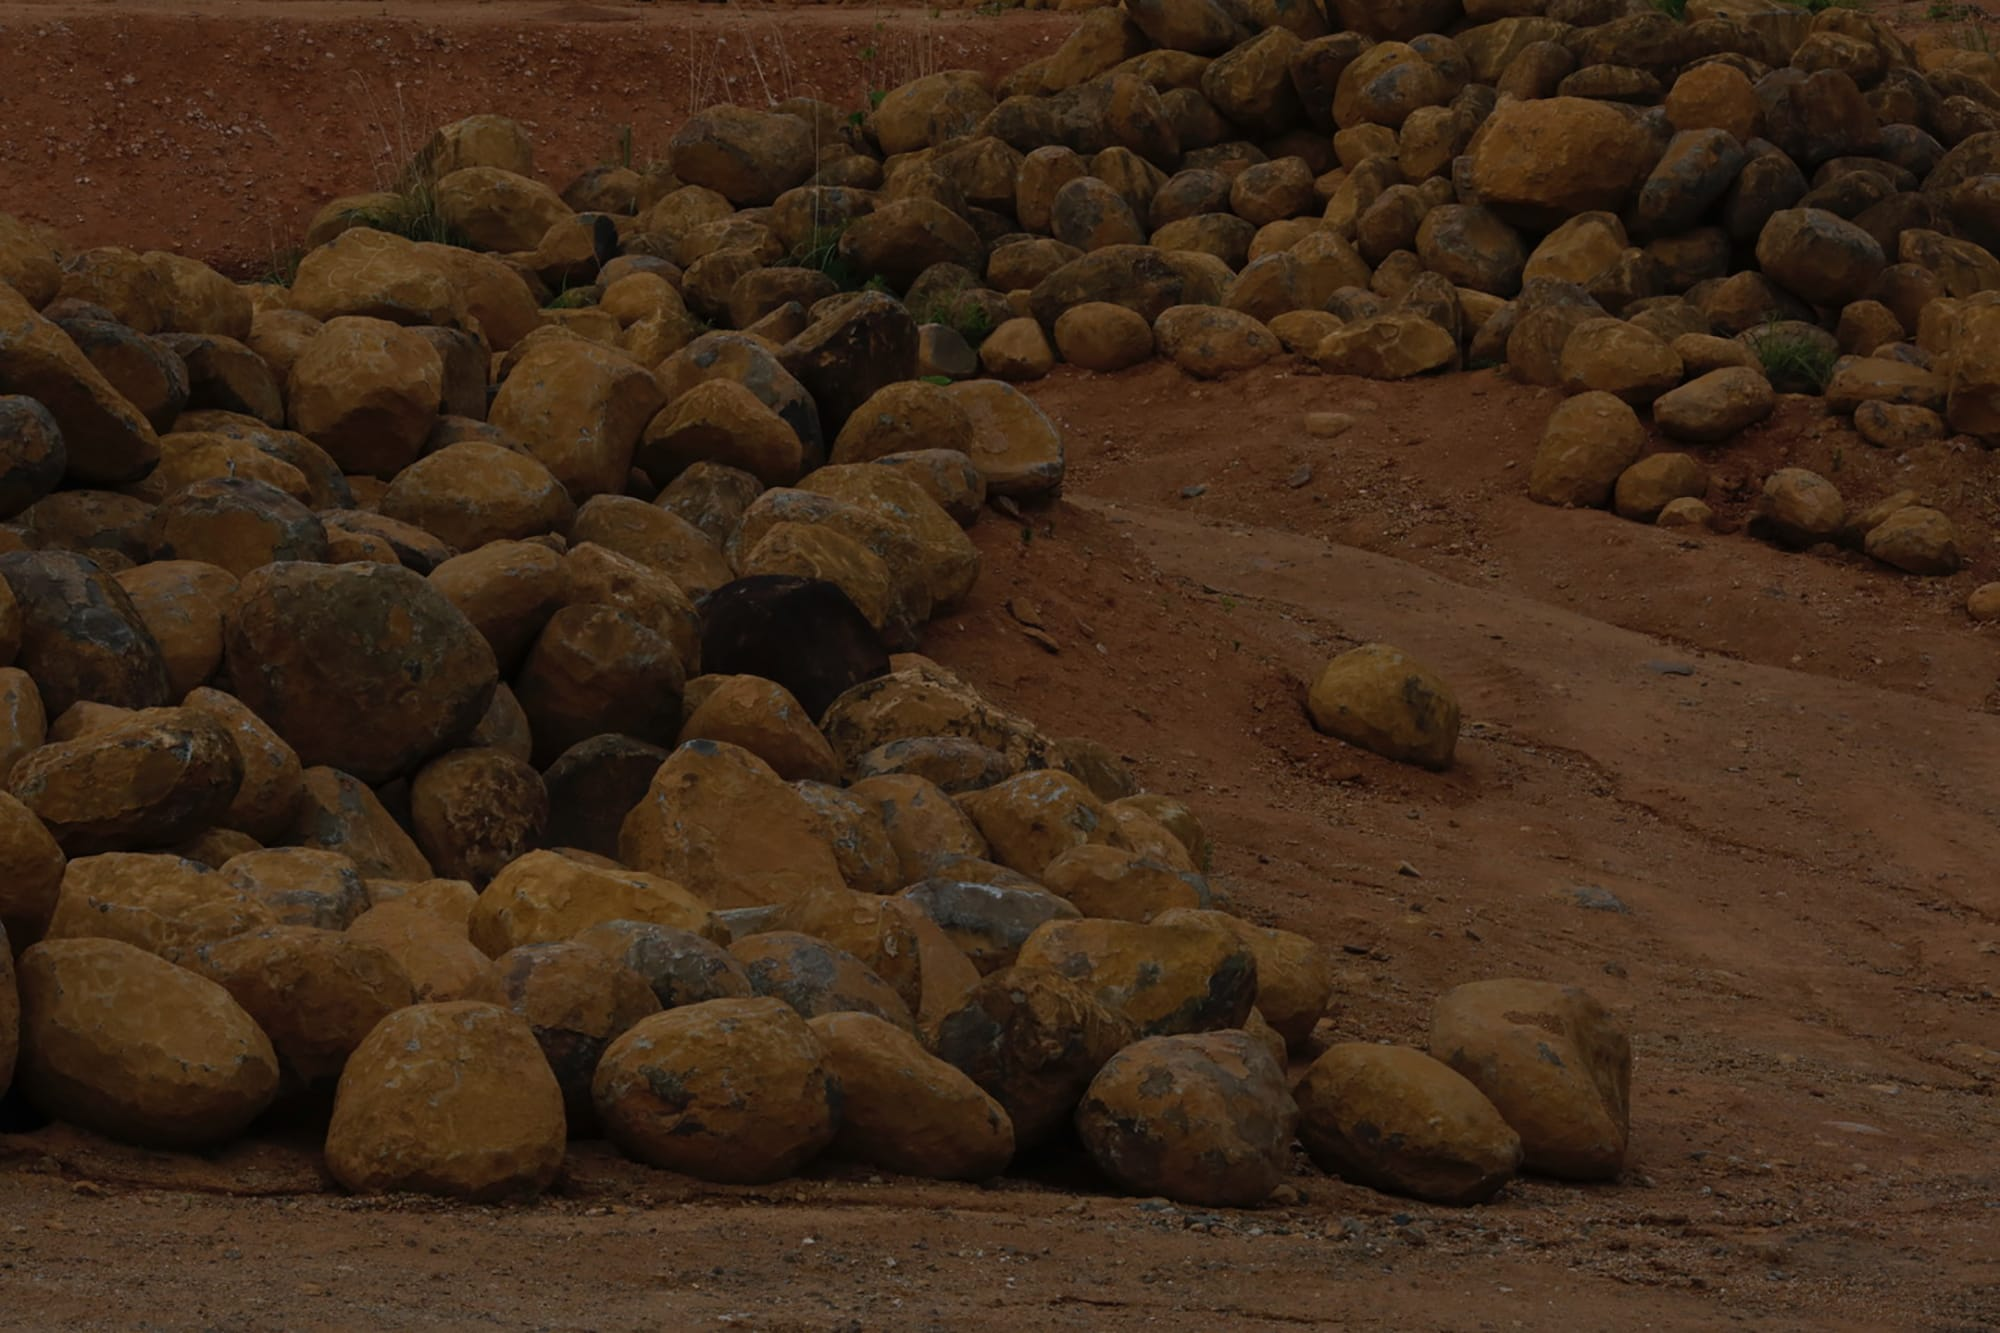 伊達冠石と寂土の大蔵山の風景。Photography by Isao Hashinoki